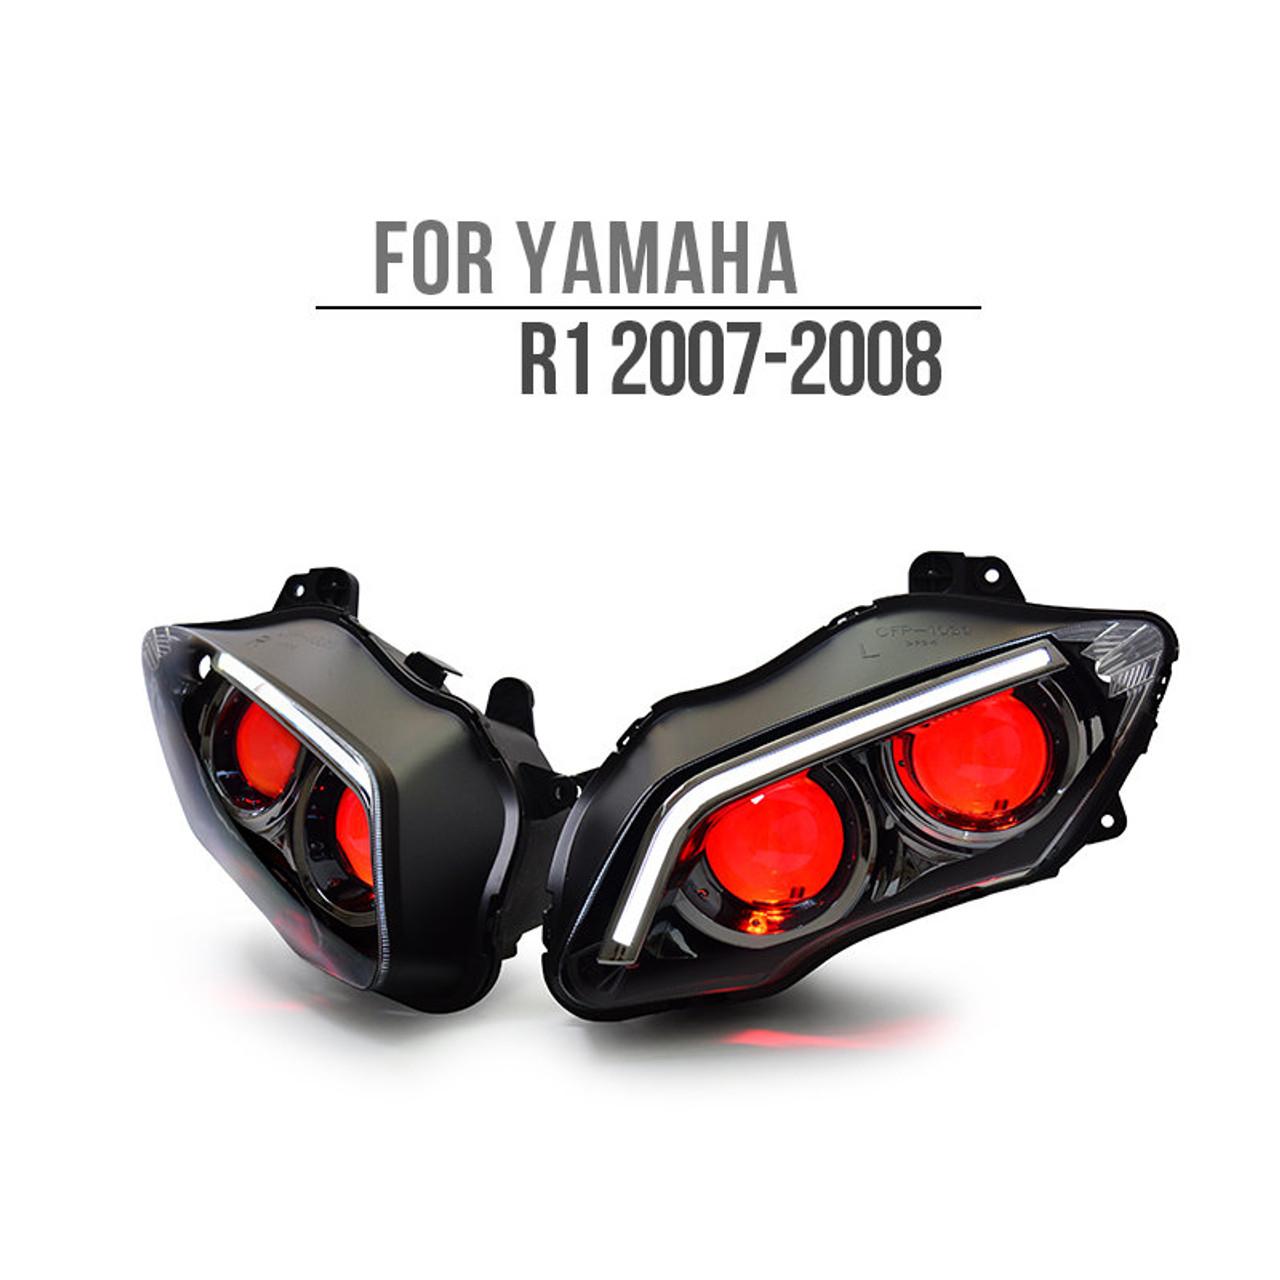 Yamaha YZF R1 LED & HID headlight 2007 2008